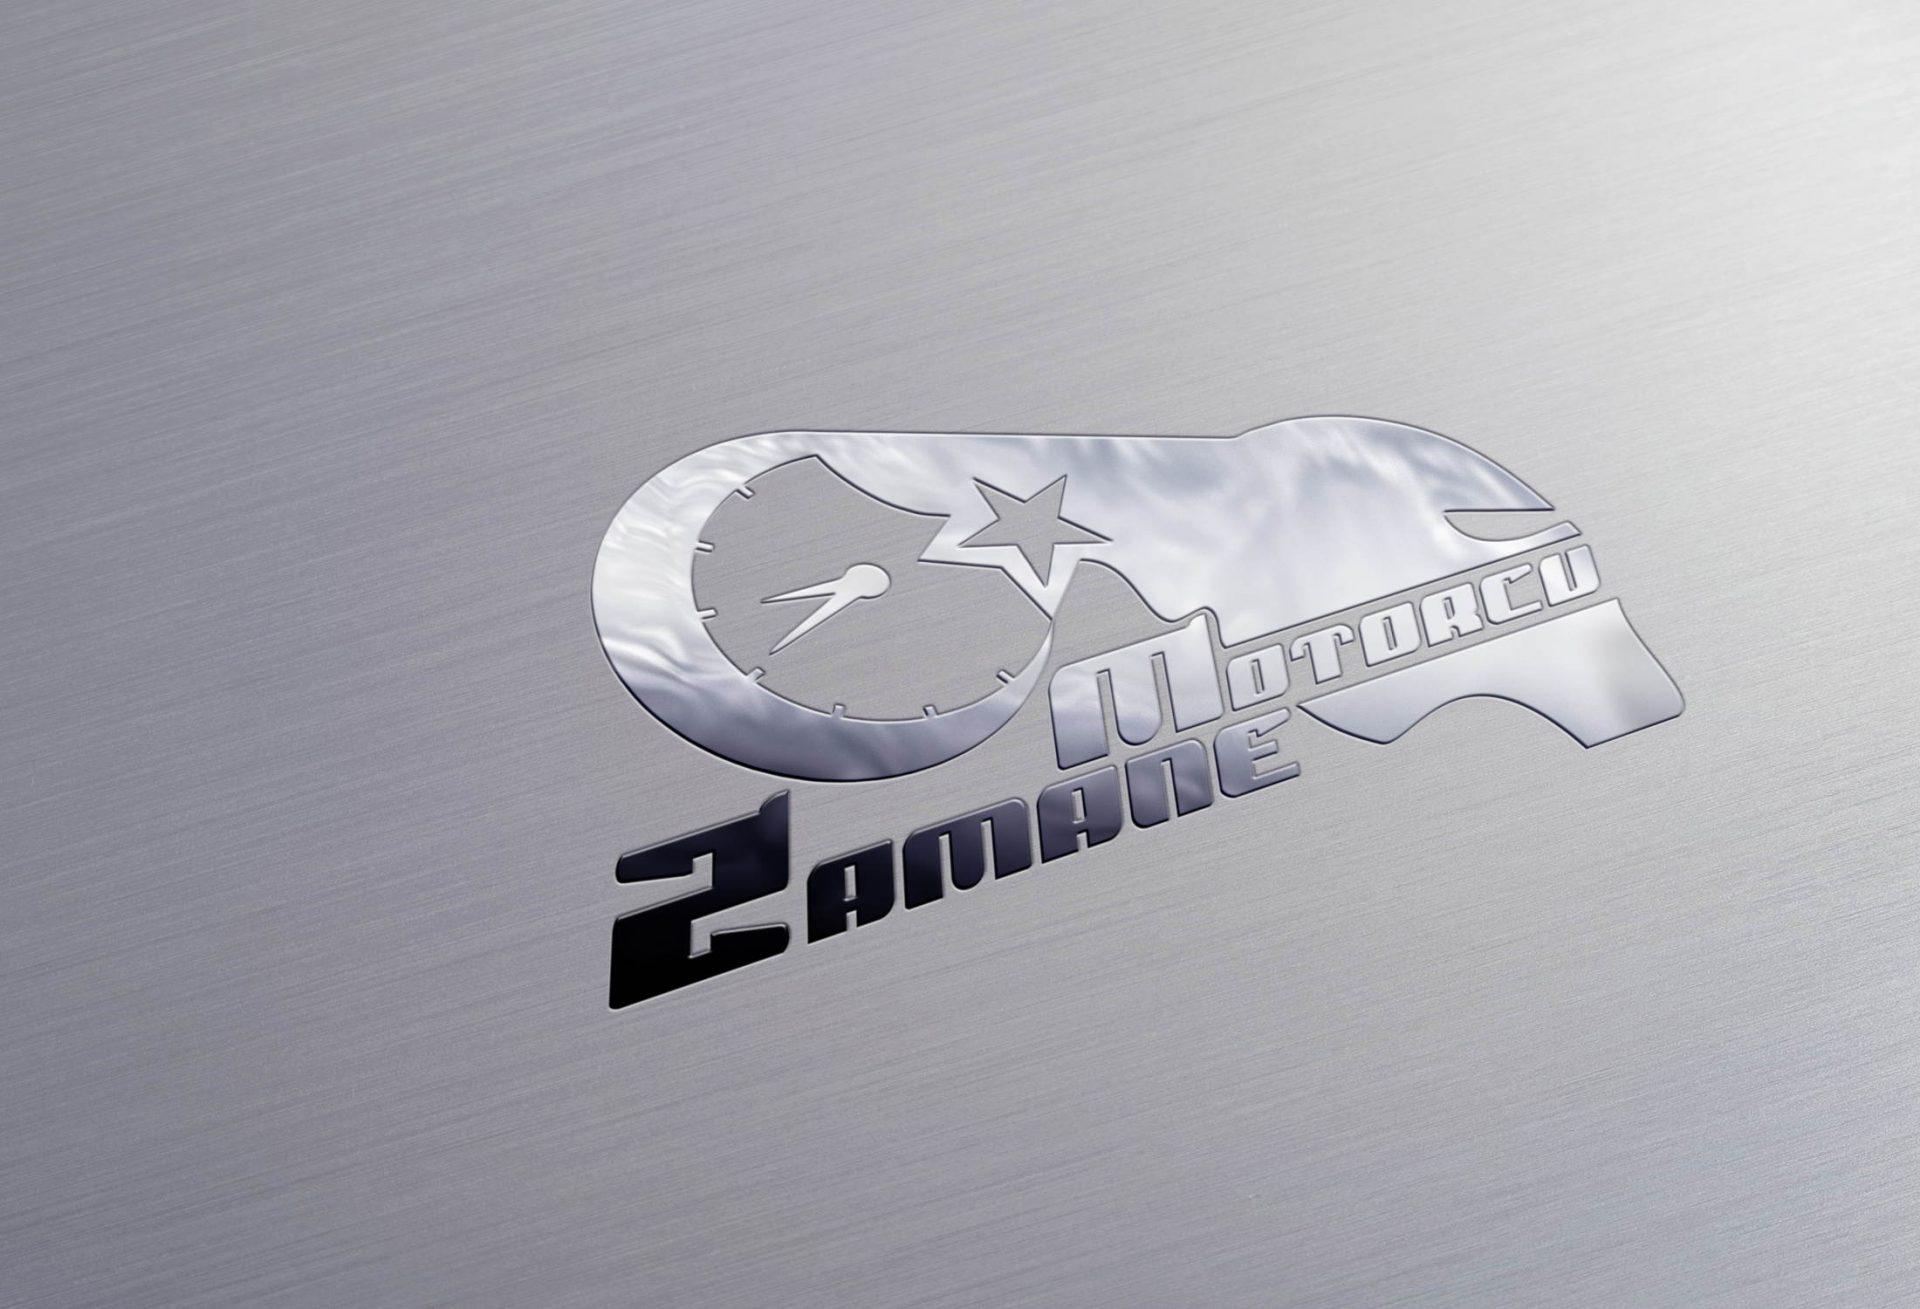 Motorcu Logo Tasarımı